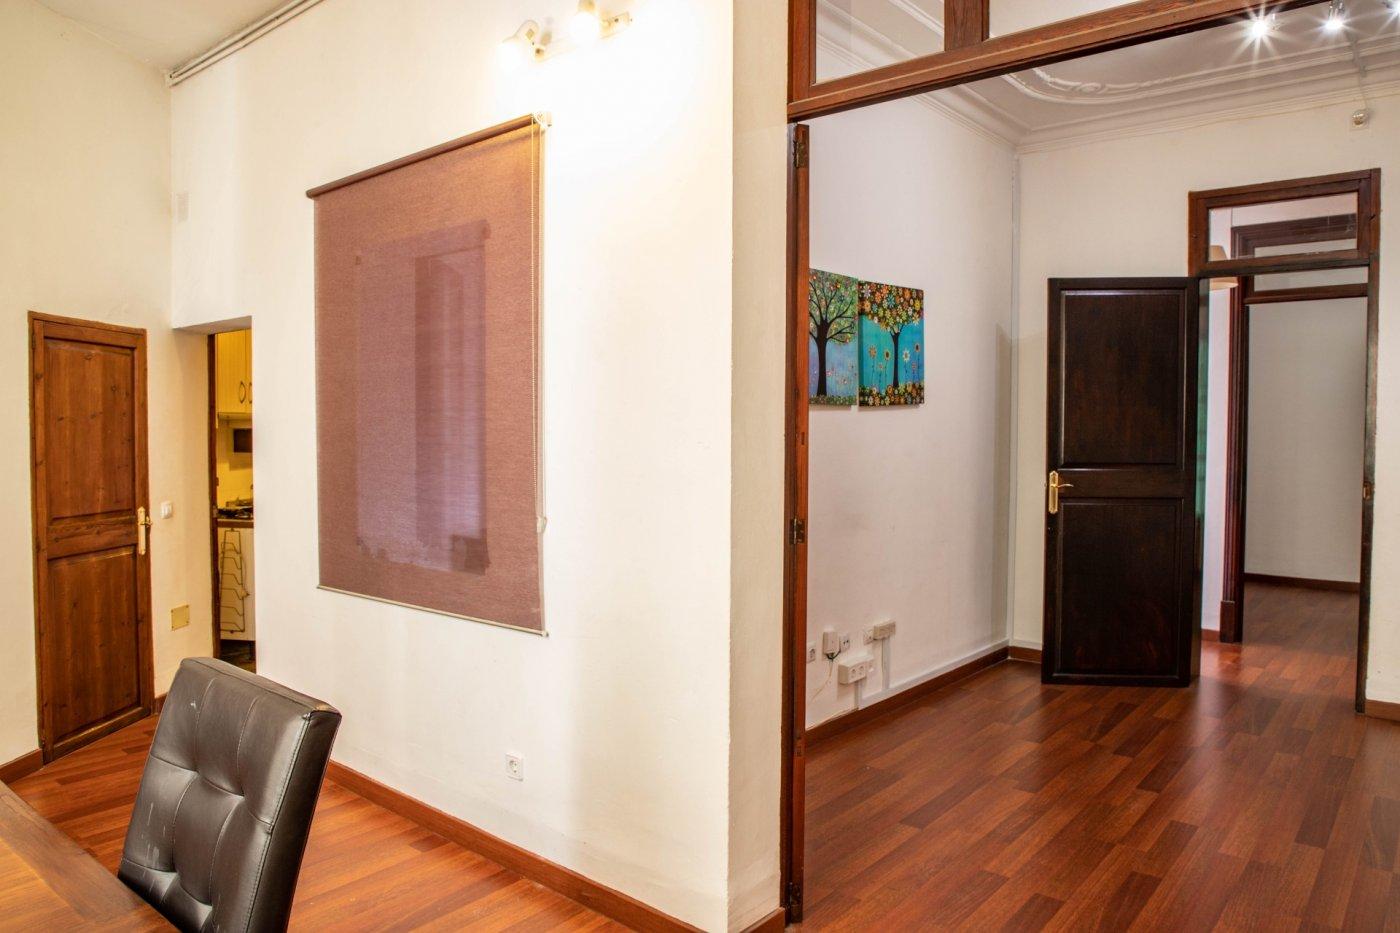 Precioso piso antiguo con mucho carácter en el centro de palma - imagenInmueble4